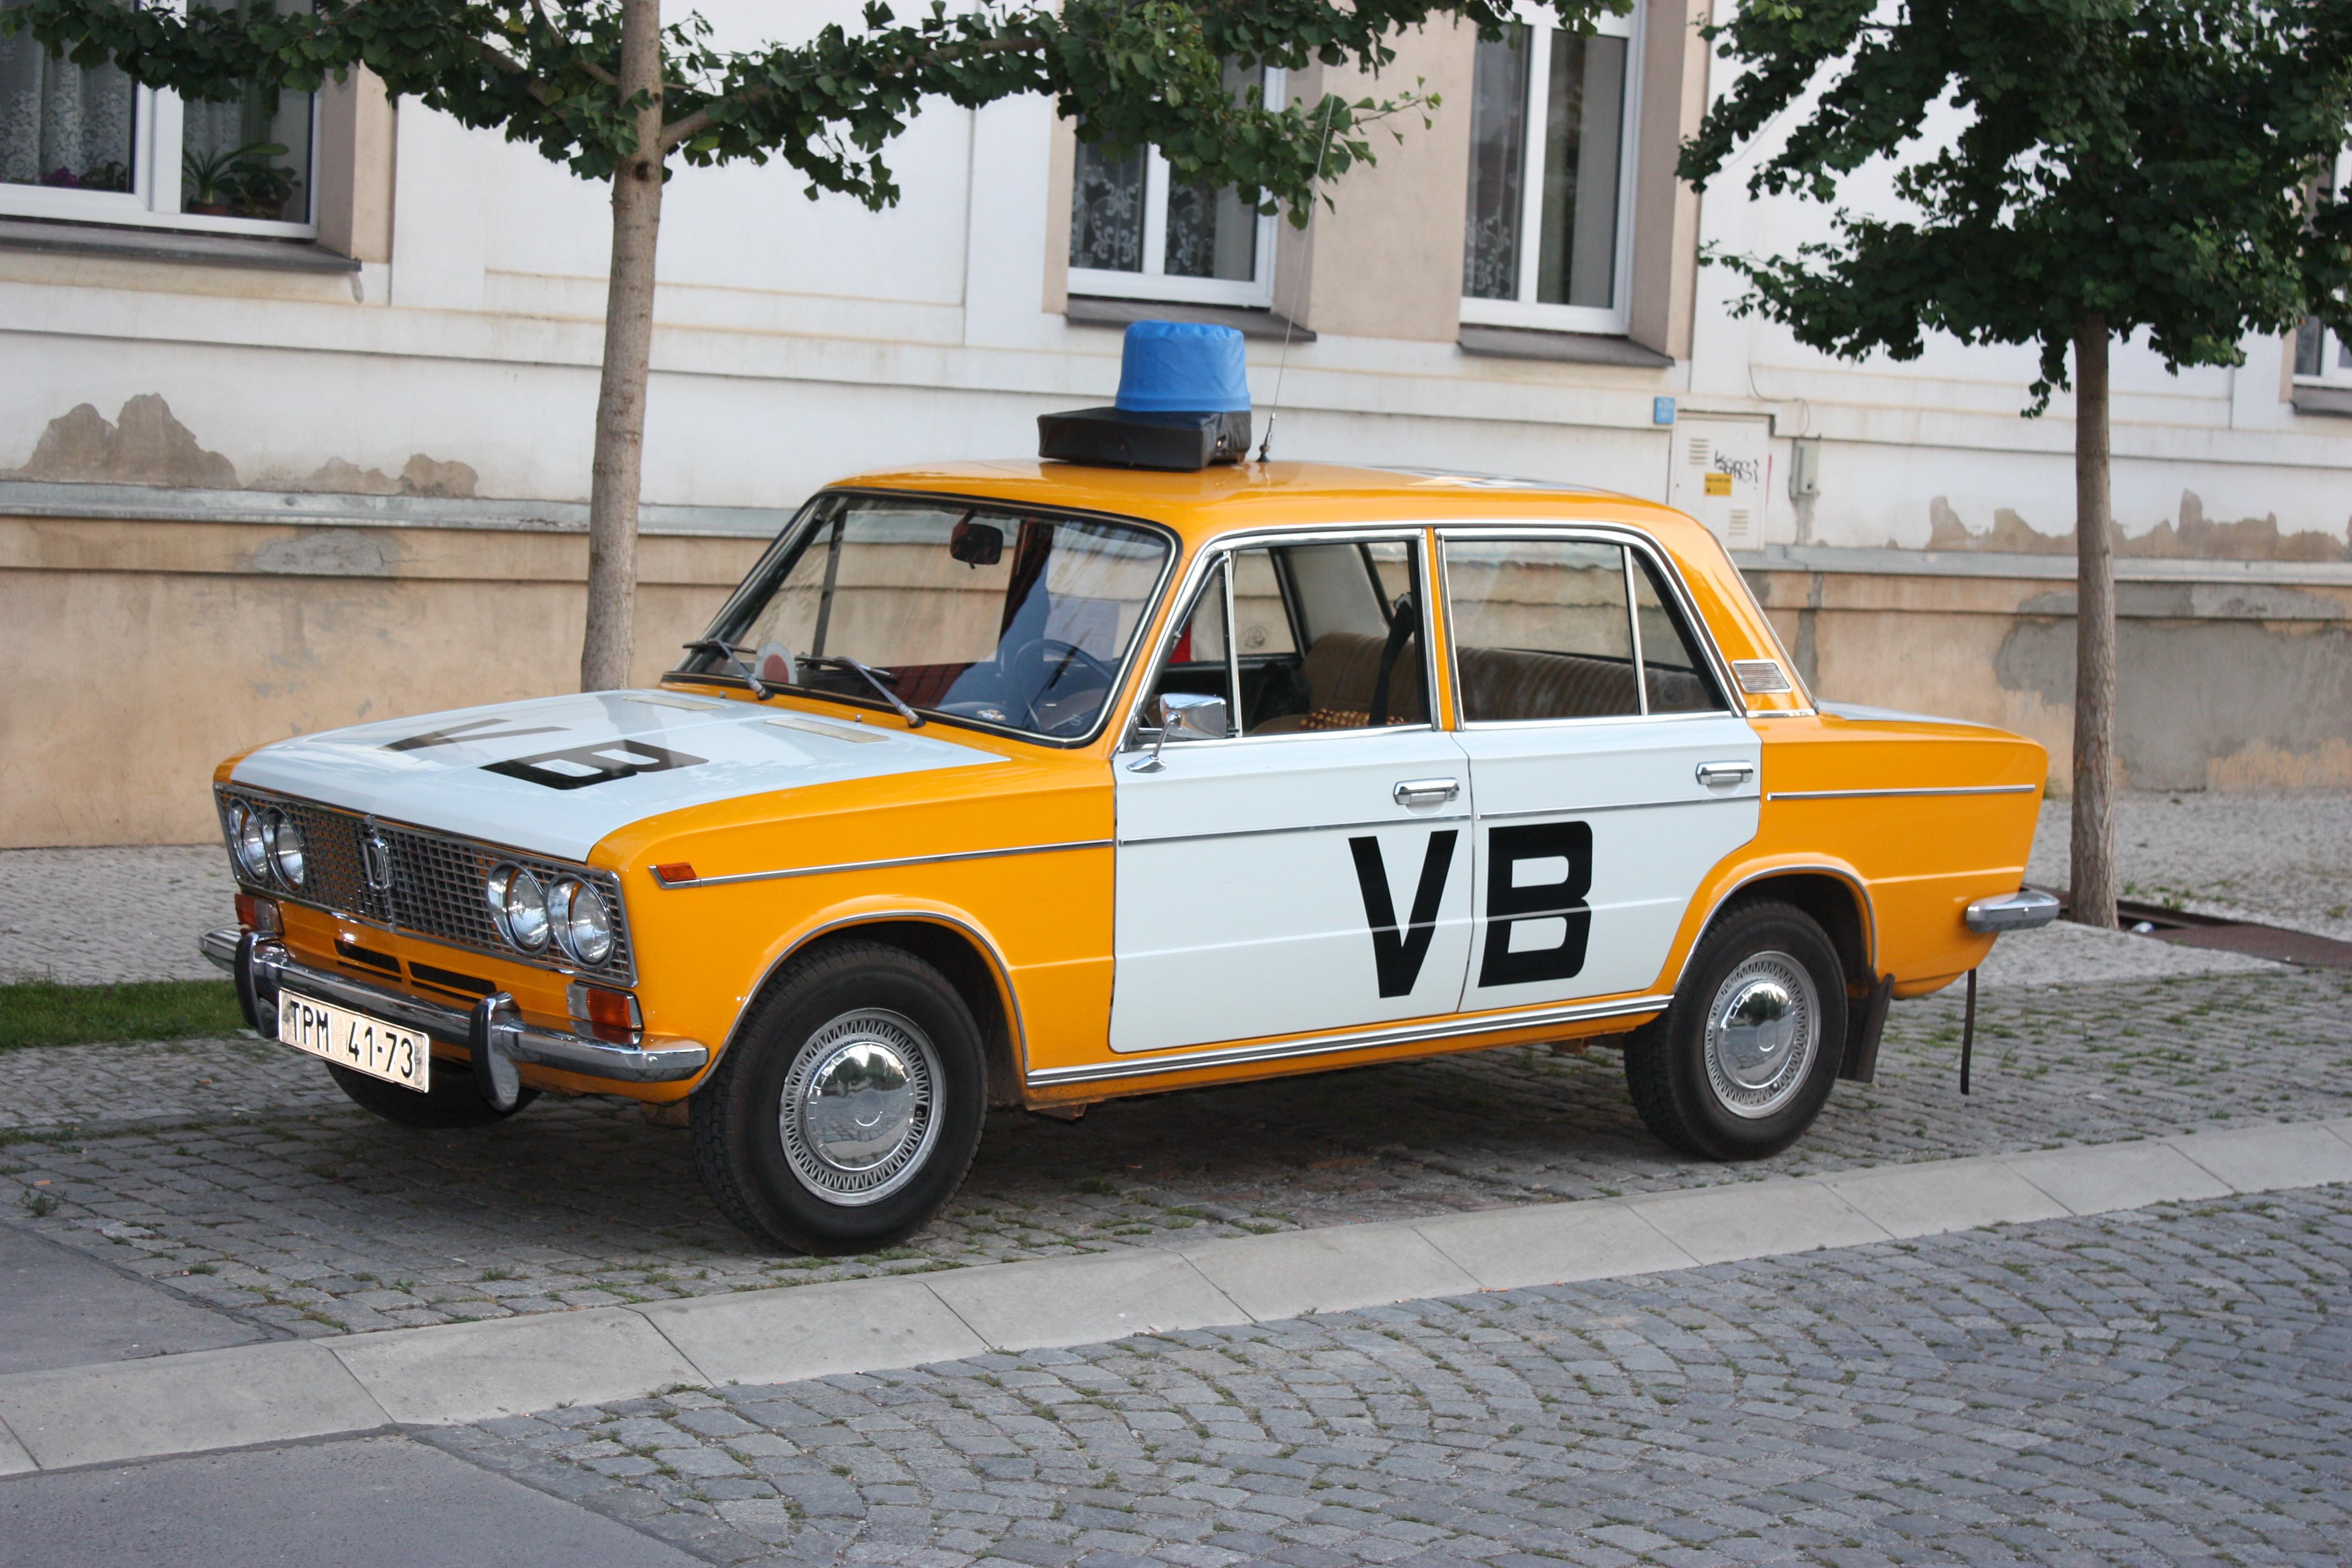 Czechoslovak_police_car_5170.JPG